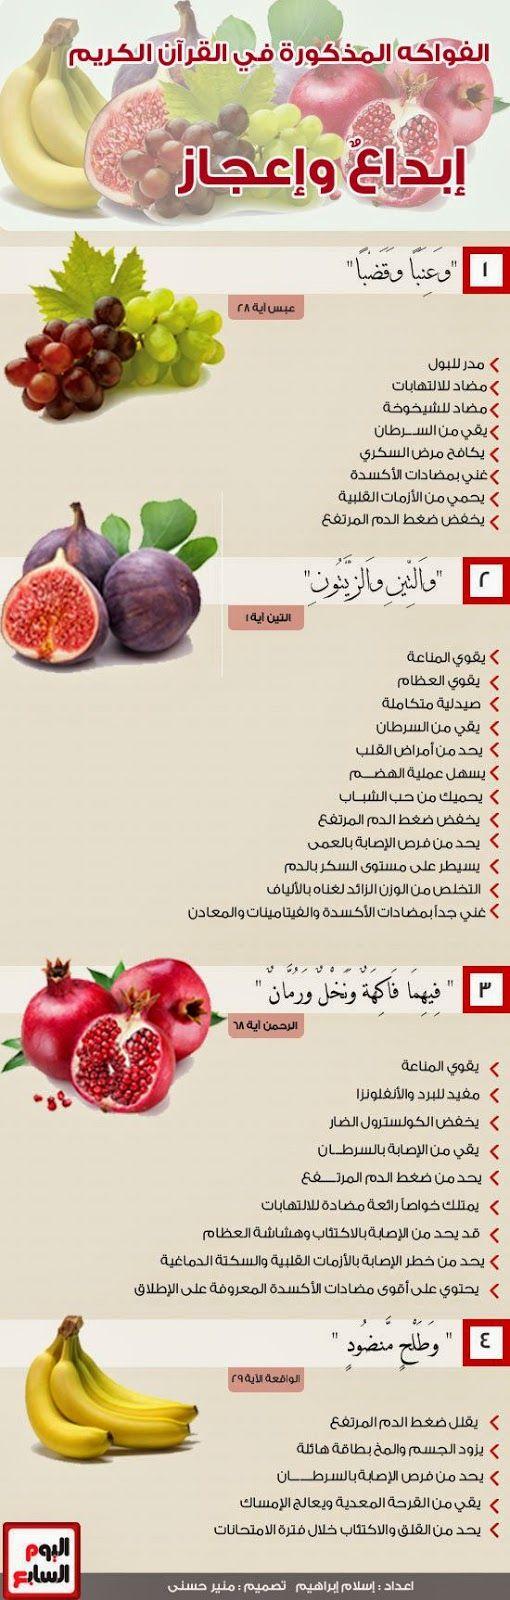 الفواكه المذكورة في القرآن الكريم Jpg 510 1600 Health Fitness Nutrition Health Facts Food Health Healthy